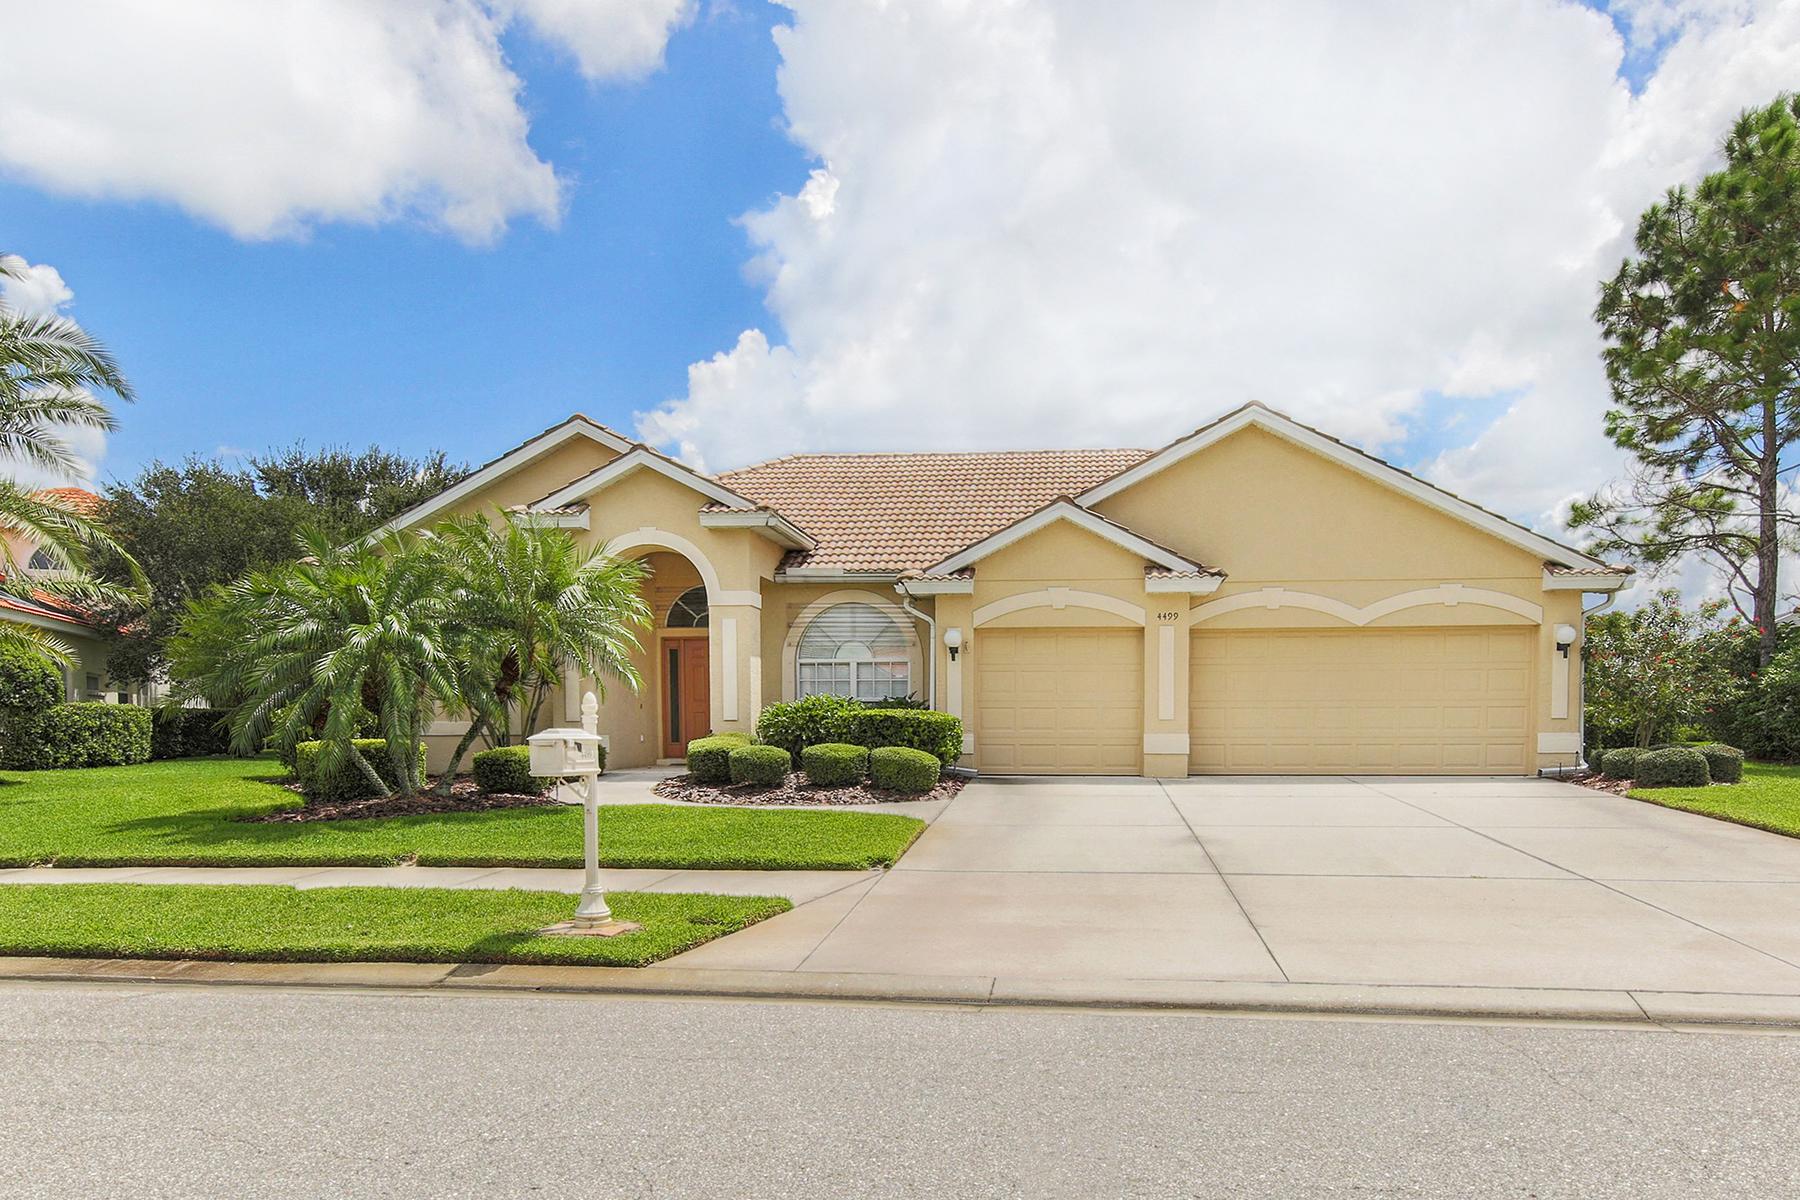 Maison unifamiliale pour l Vente à HERITAGE OAKS GOLF AND COUNTRY CLUB 4499 Chase Oaks Dr Sarasota, Florida, 34241 États-Unis